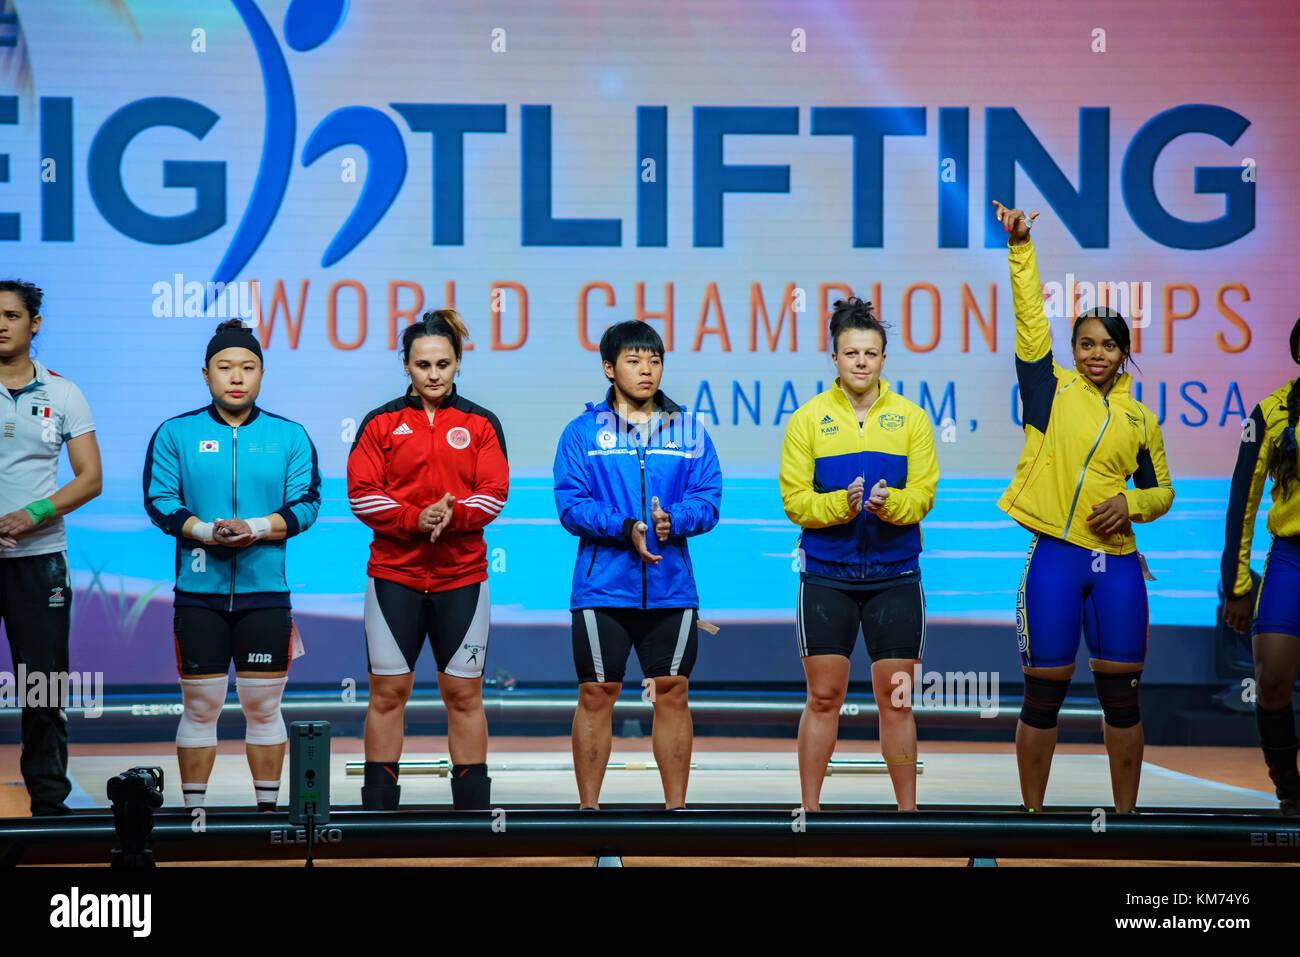 Anaheim, nov 30: 2017 atleti di sollevamento pesi internazionale federazione campionati del mondo il Nov 30, 2017 Immagini Stock